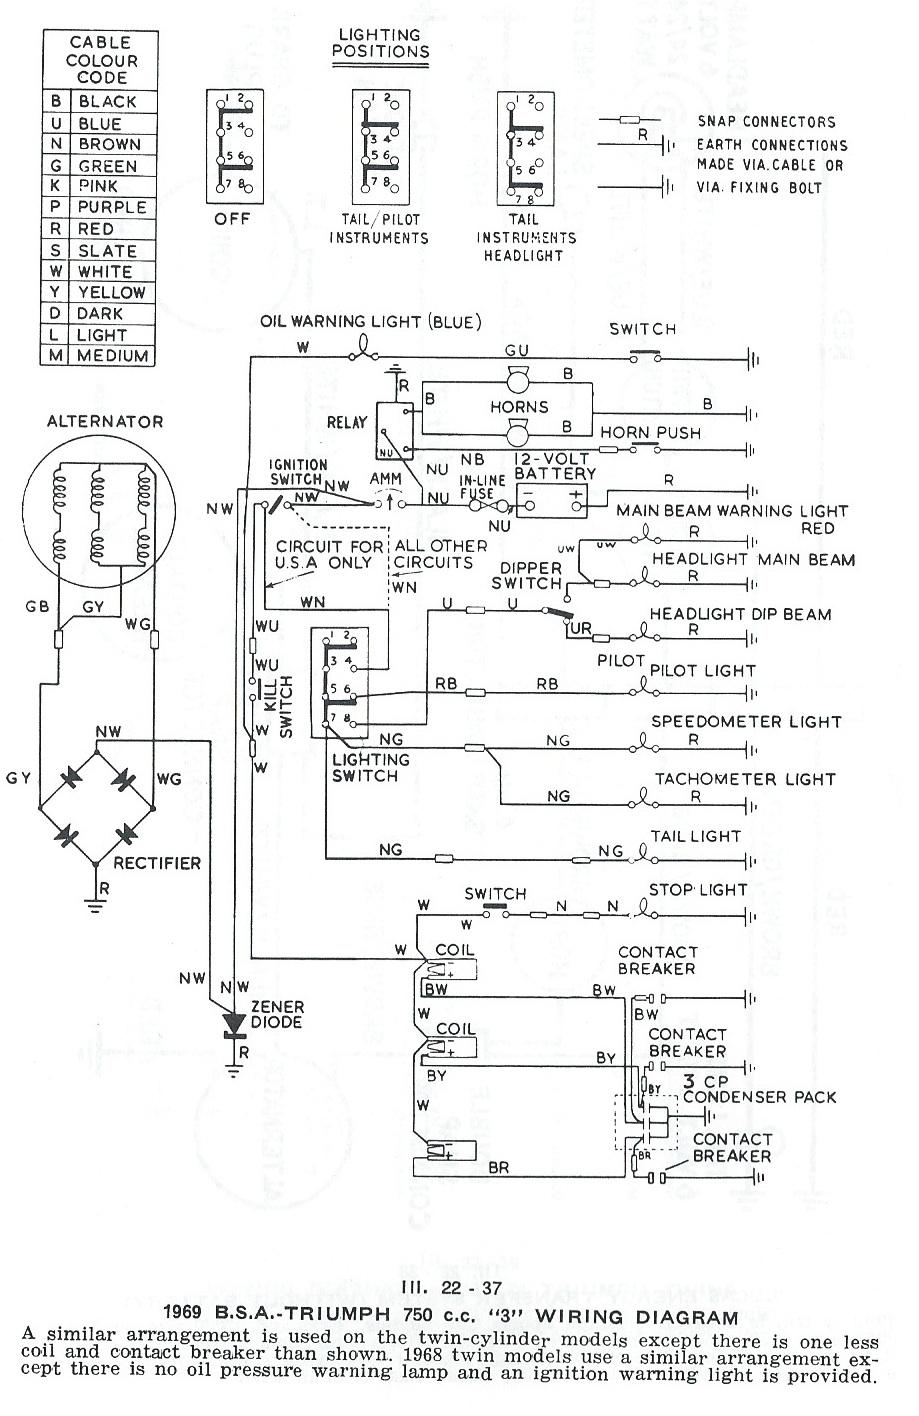 triumph bonneville t100 wiring diagram triumph triumph wiring diagram dual carbs triumph wiring diagrams on triumph bonneville t100 wiring diagram